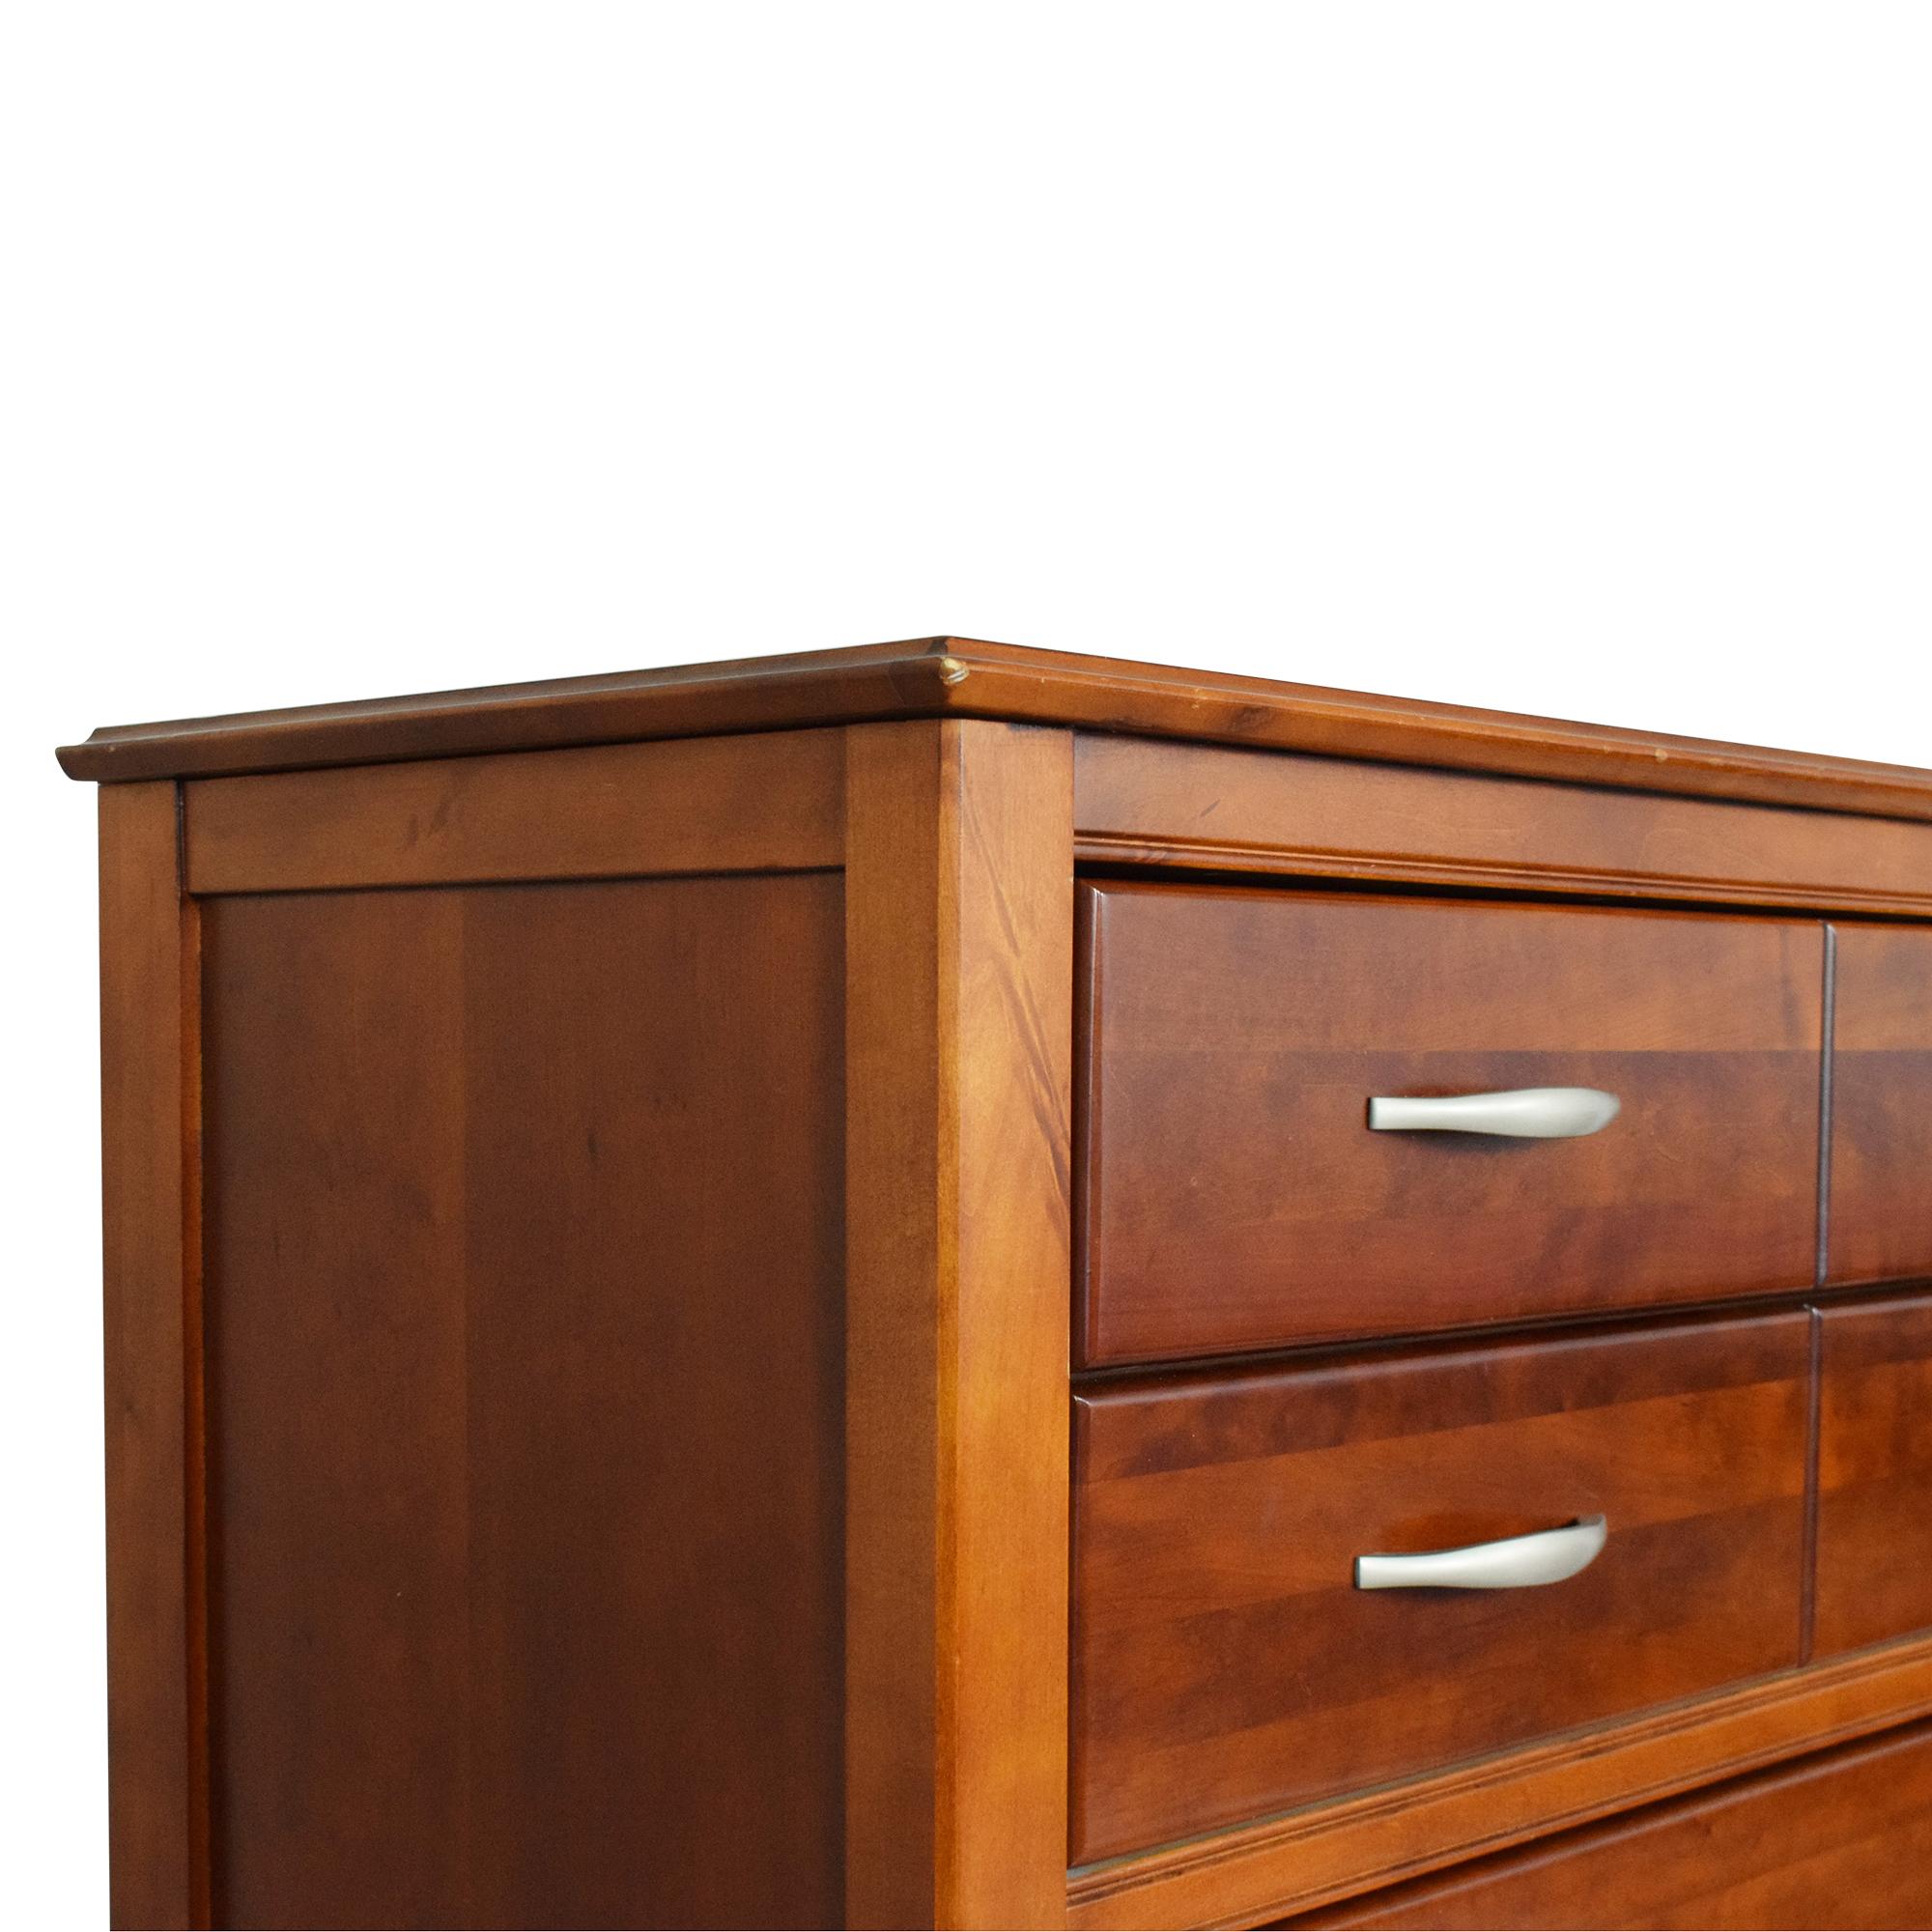 Bassett Furniture Bassett Furniture Fifth Avenue Dresser price